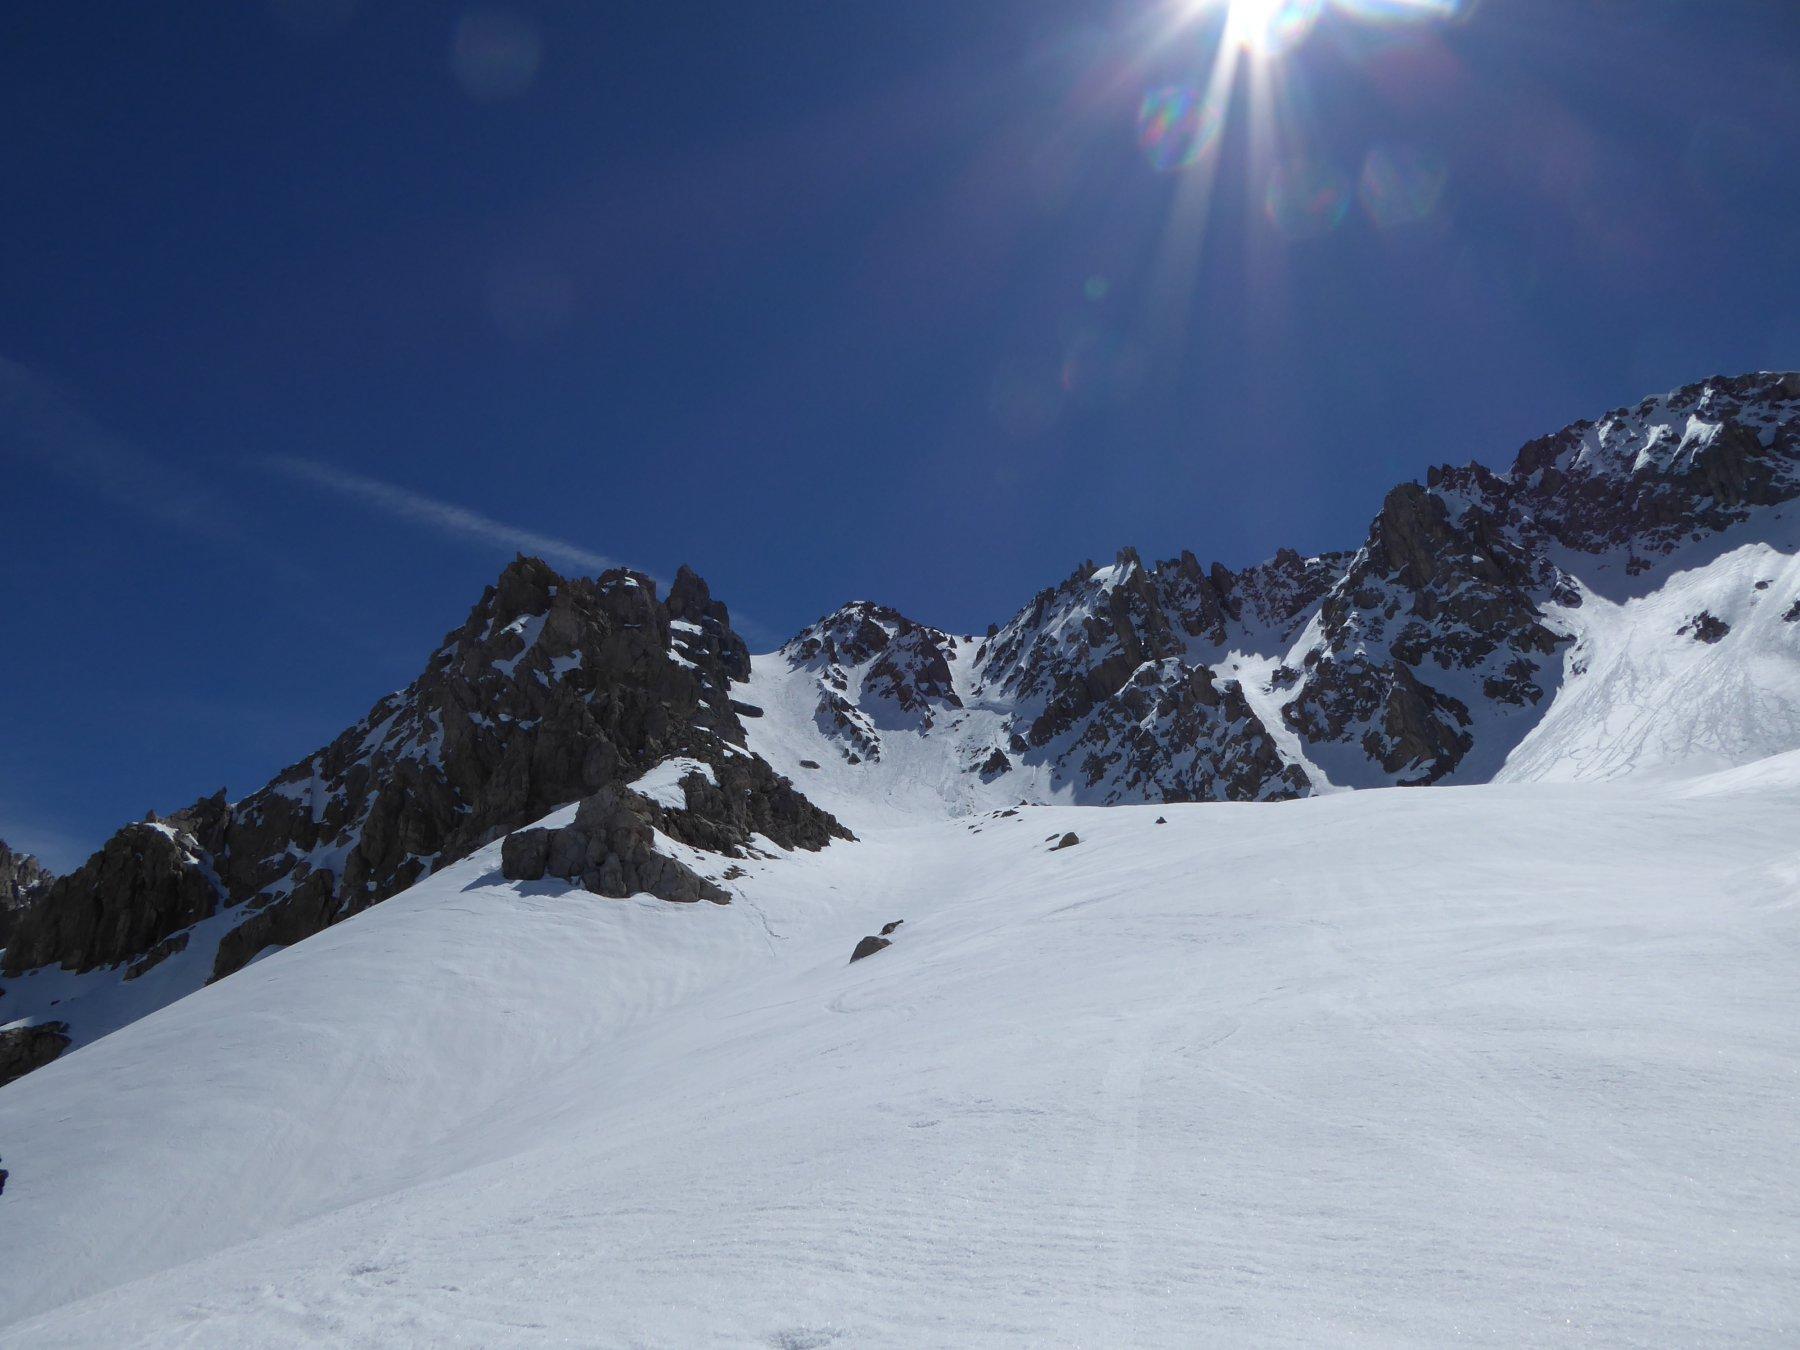 Oserot (Monte) da Chialvetta 2017-04-17